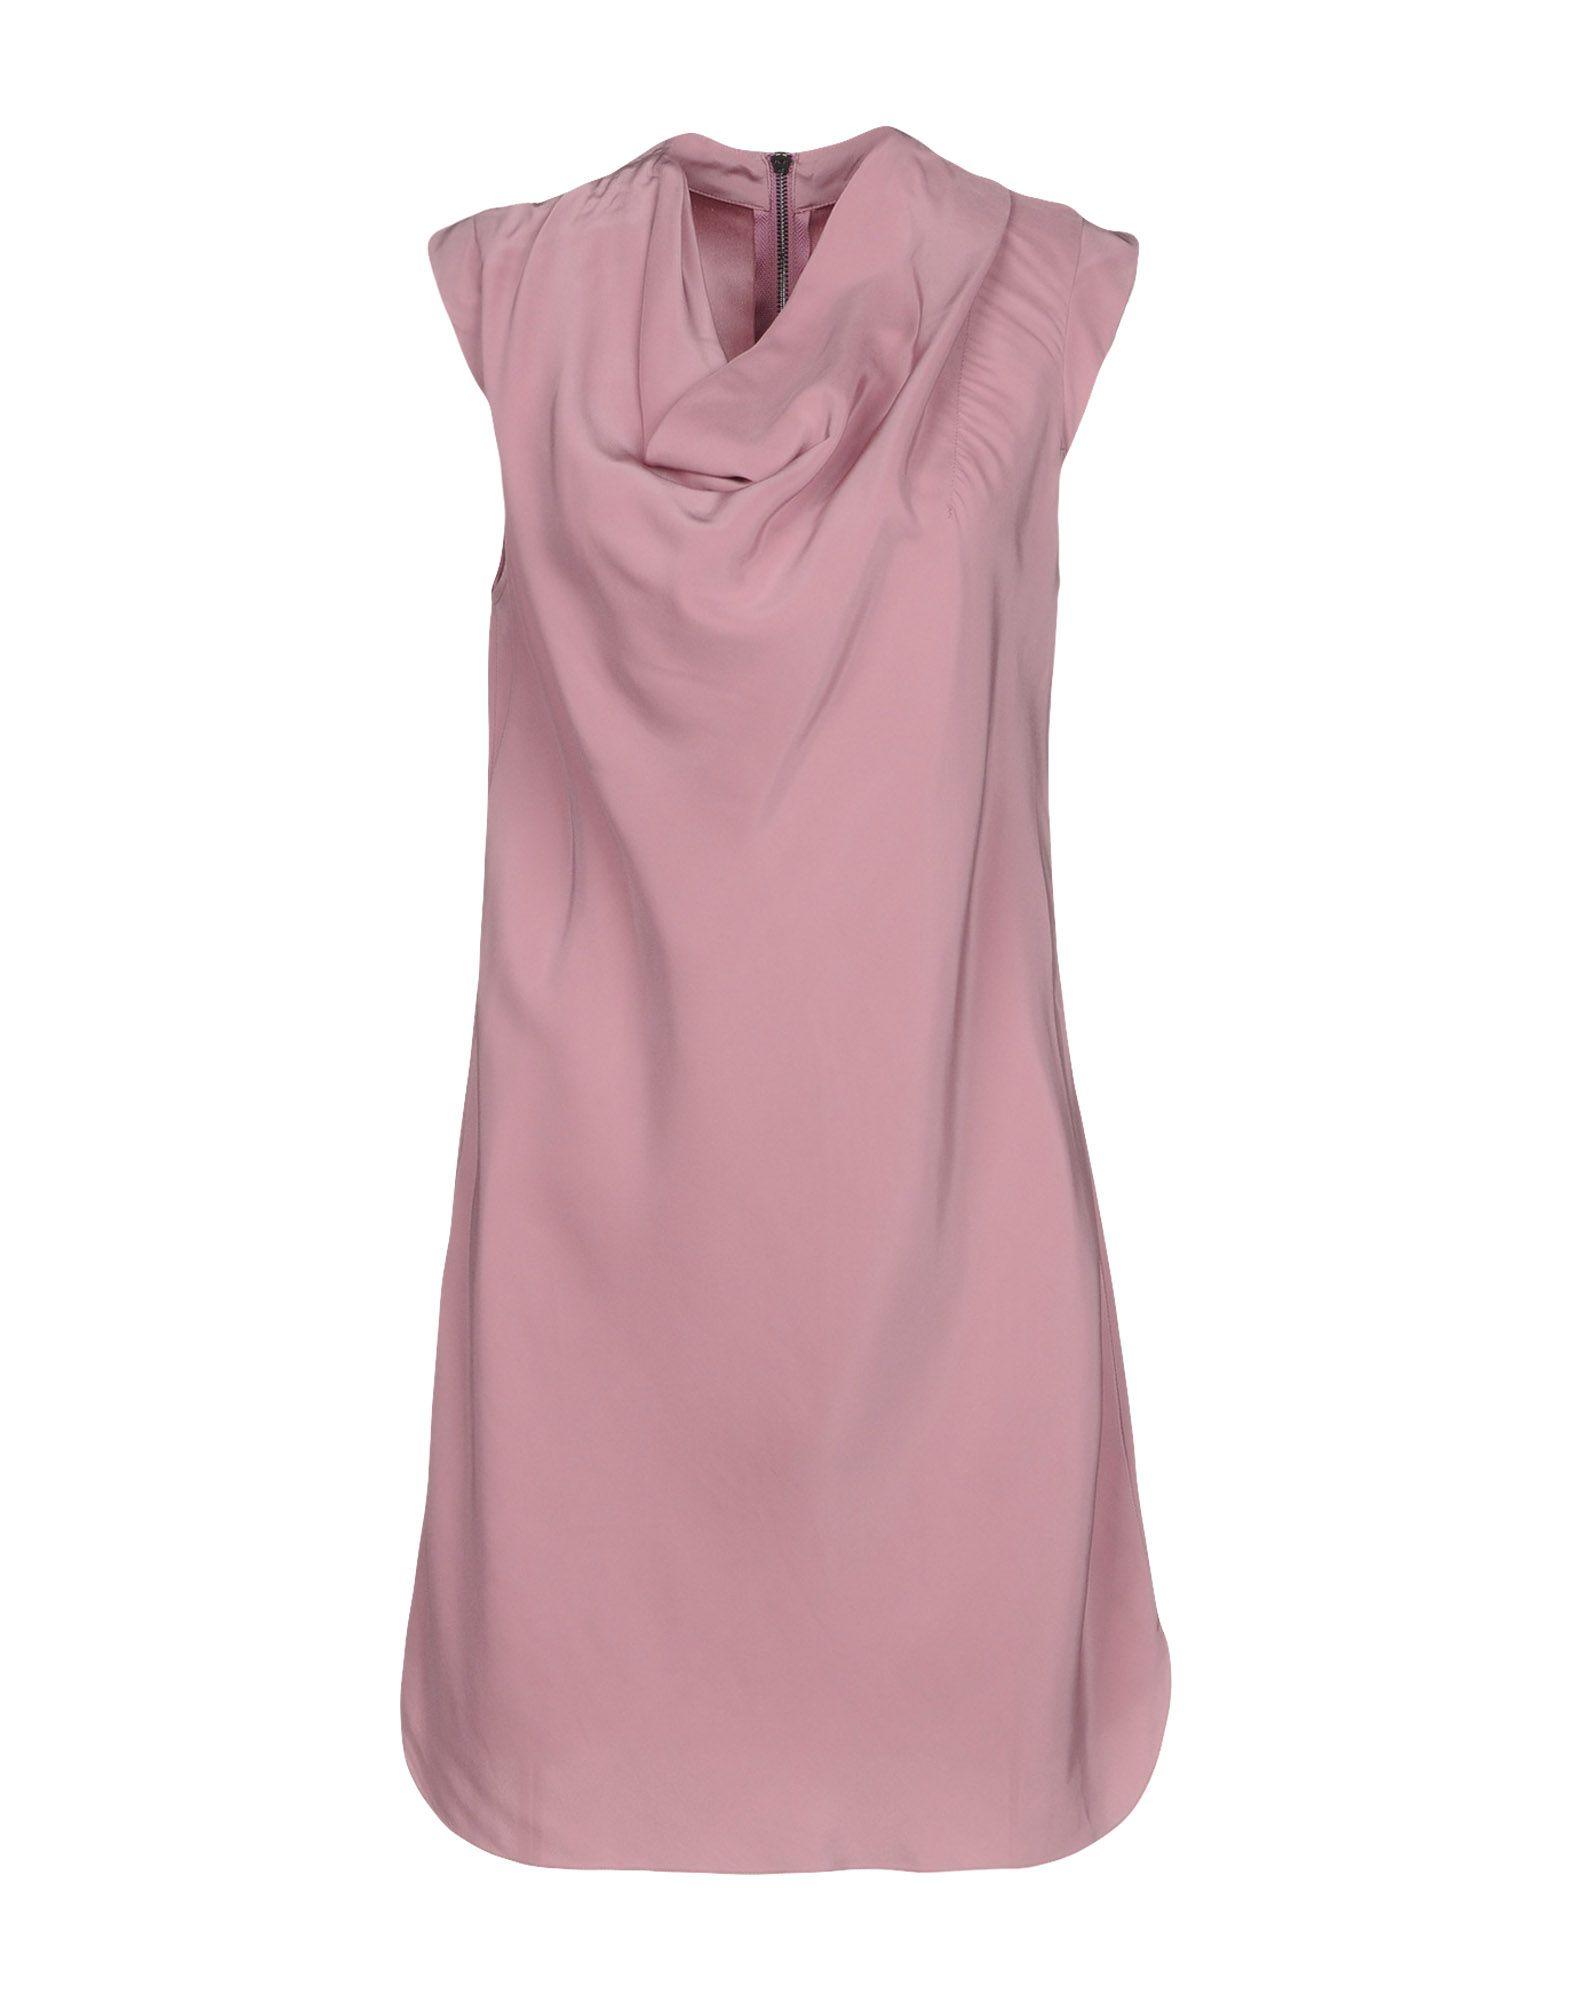 HAUTE HIPPIE Damen Kurzes Kleid Farbe Altrosa Größe 6